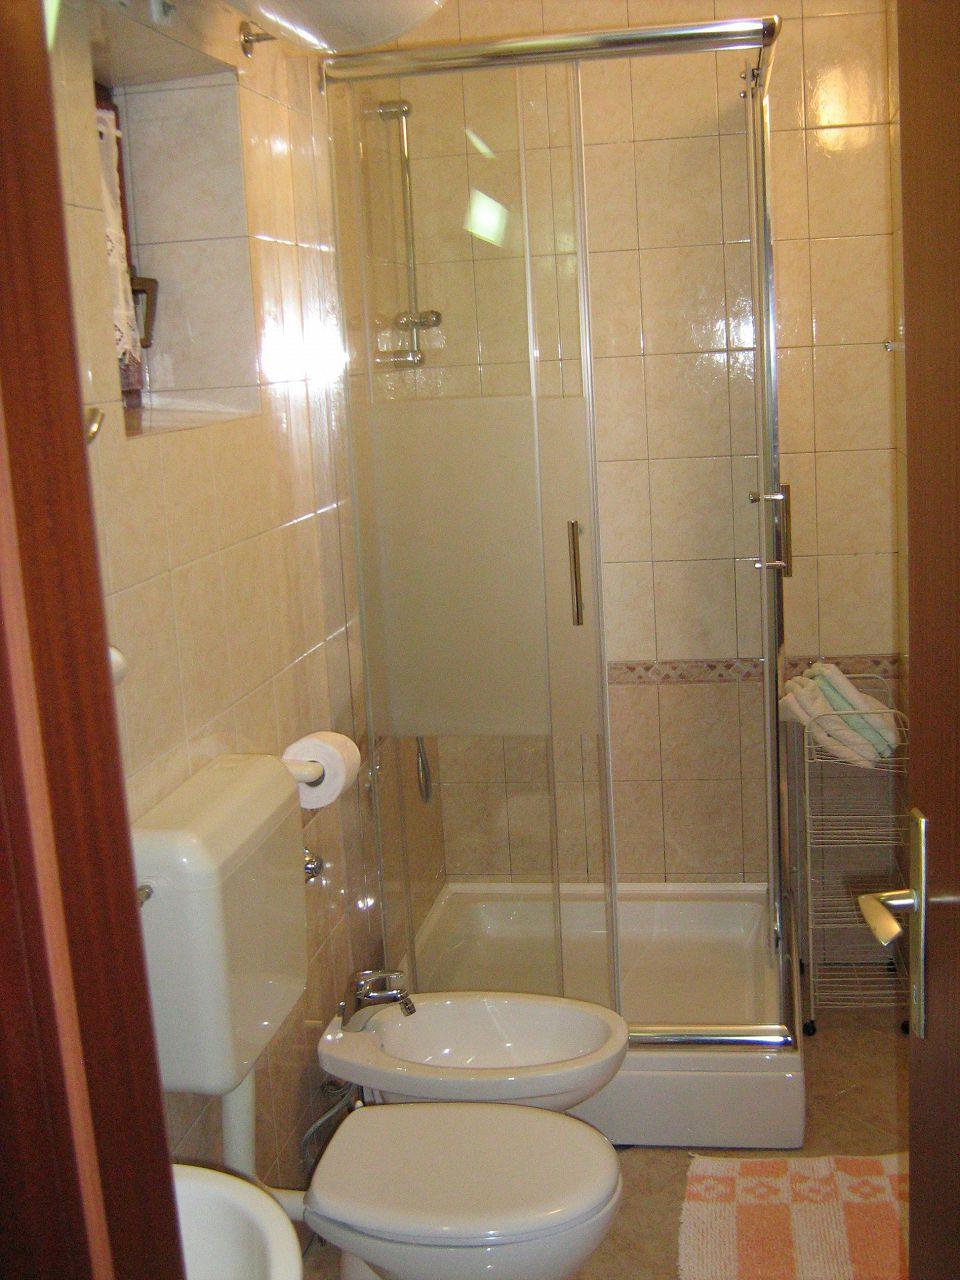 00209PISA  - Pisak - Ferienwohnungen Kroatien - A1 Zapad (2+2): Badezimmer mit Toilette